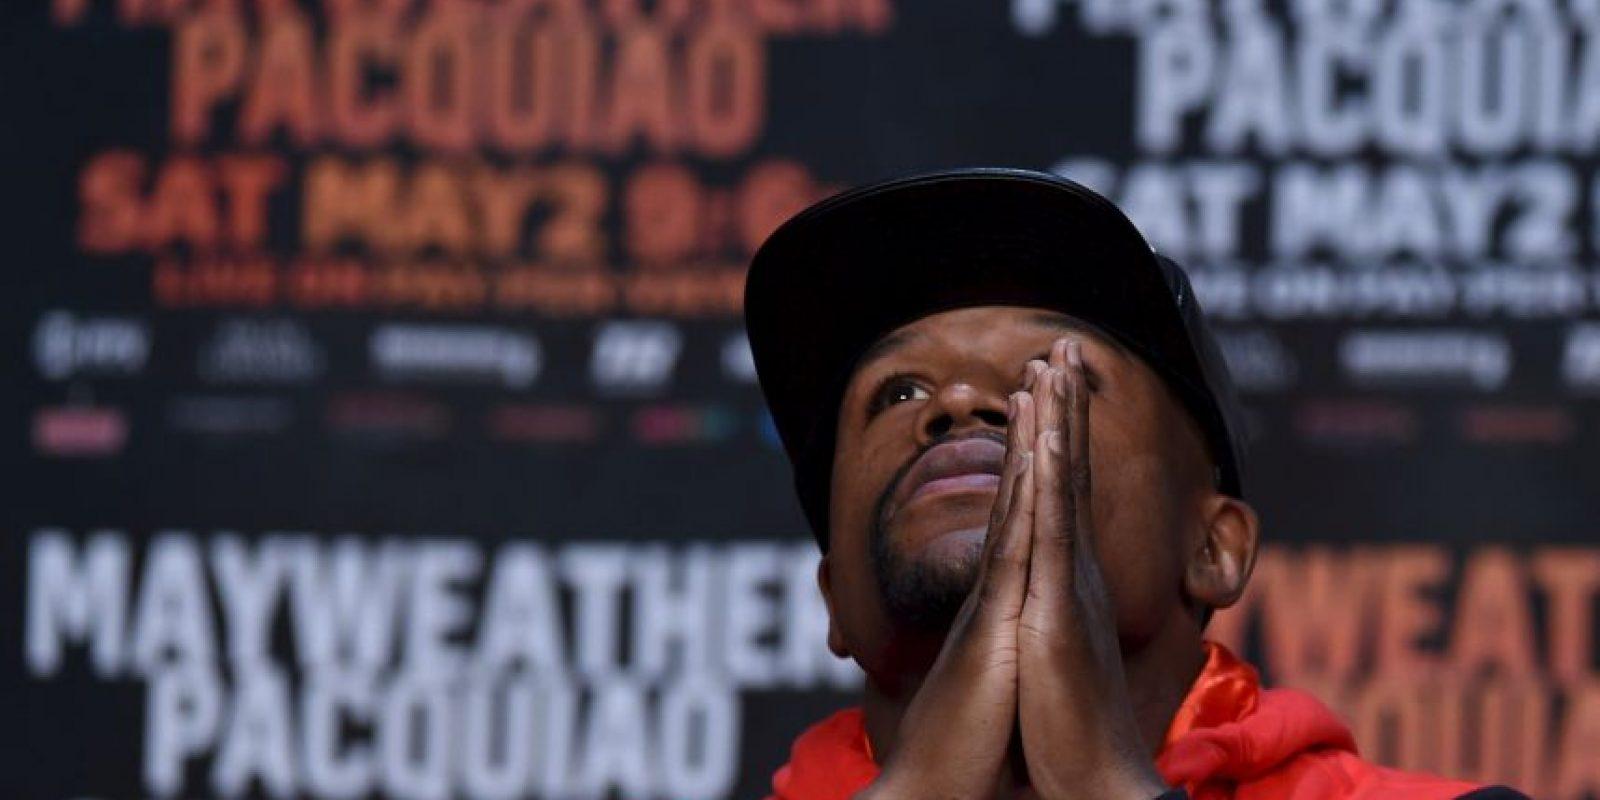 La pelea se llevará a cabo el próximo 2 de mayo Foto:Getty Images